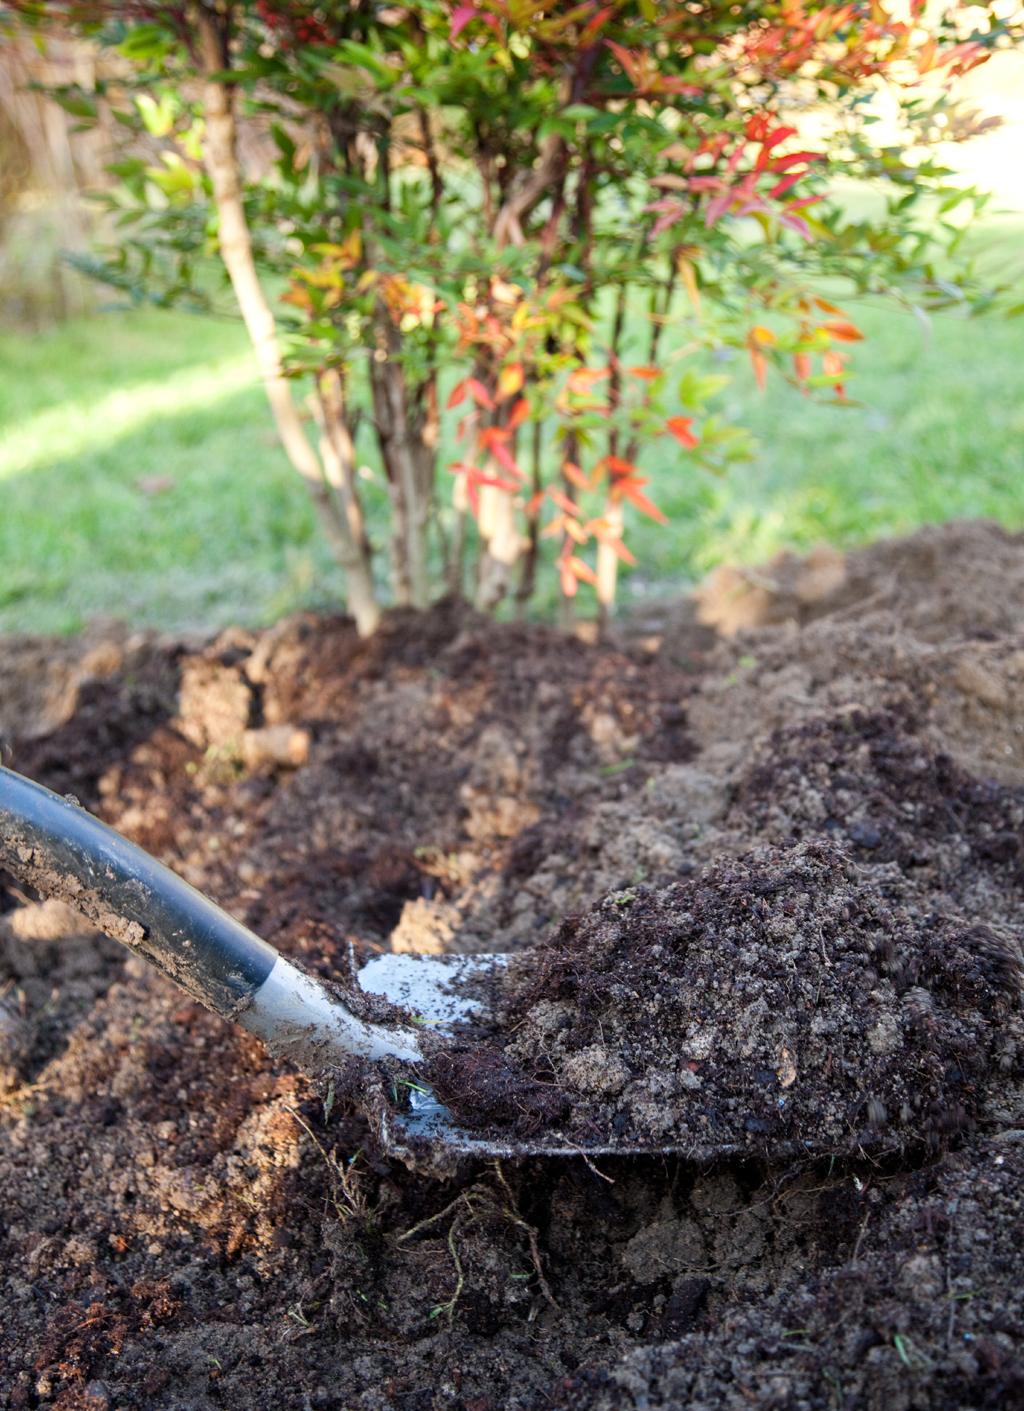 Composer et planter un bosquet pour l'hiver